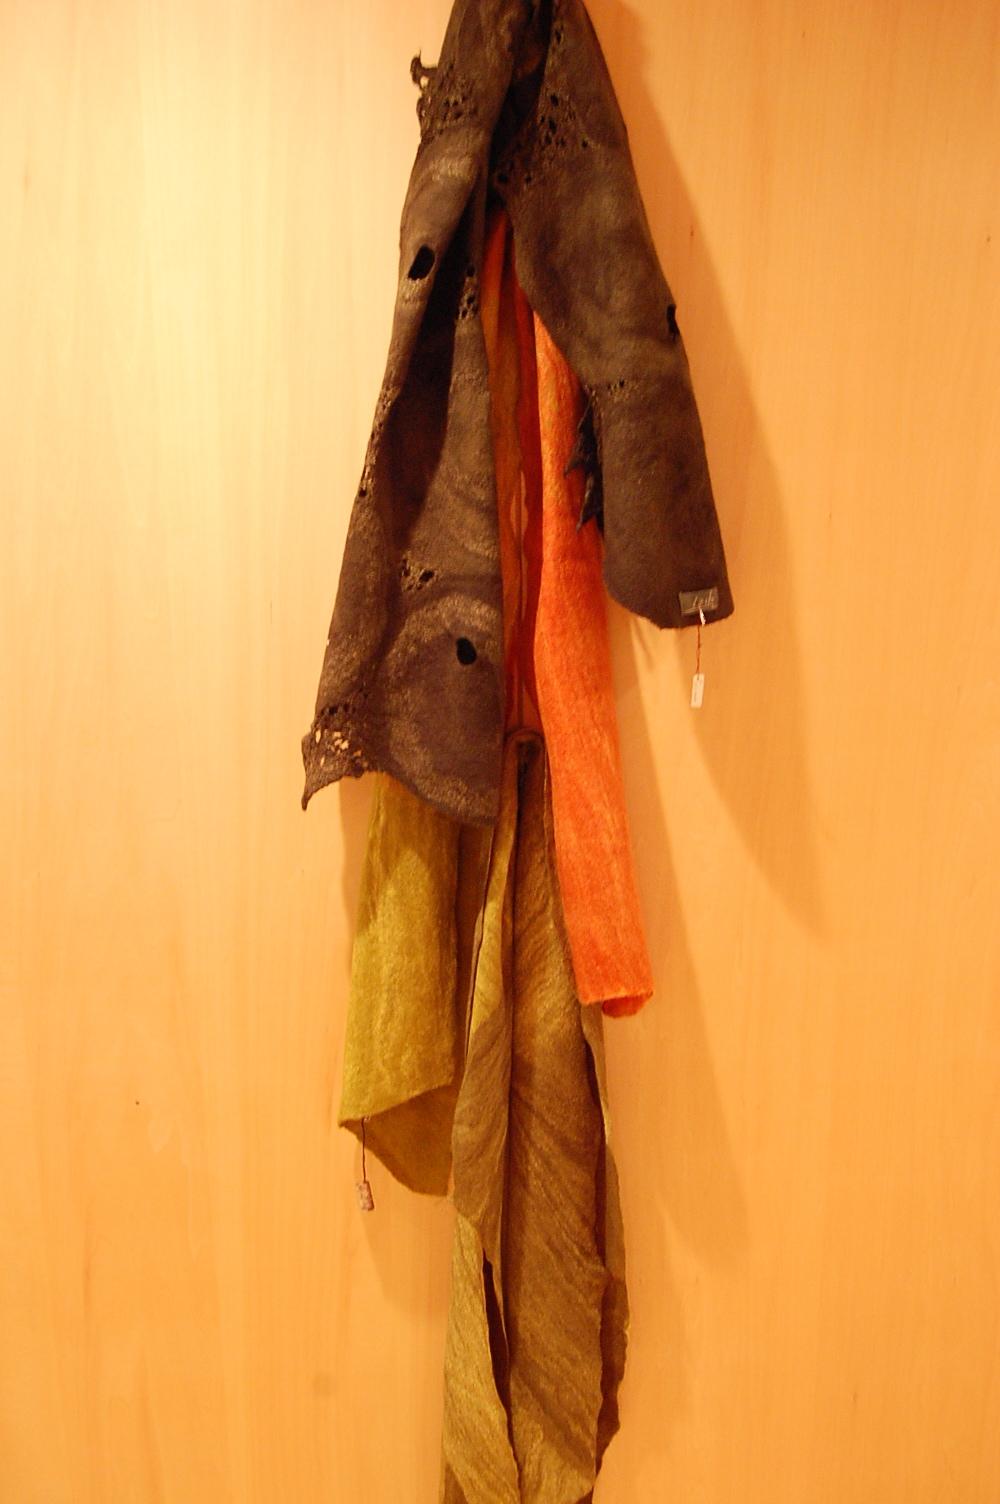 内山礼子さんのフェルト作品が届きました。_a0112812_2220188.jpg